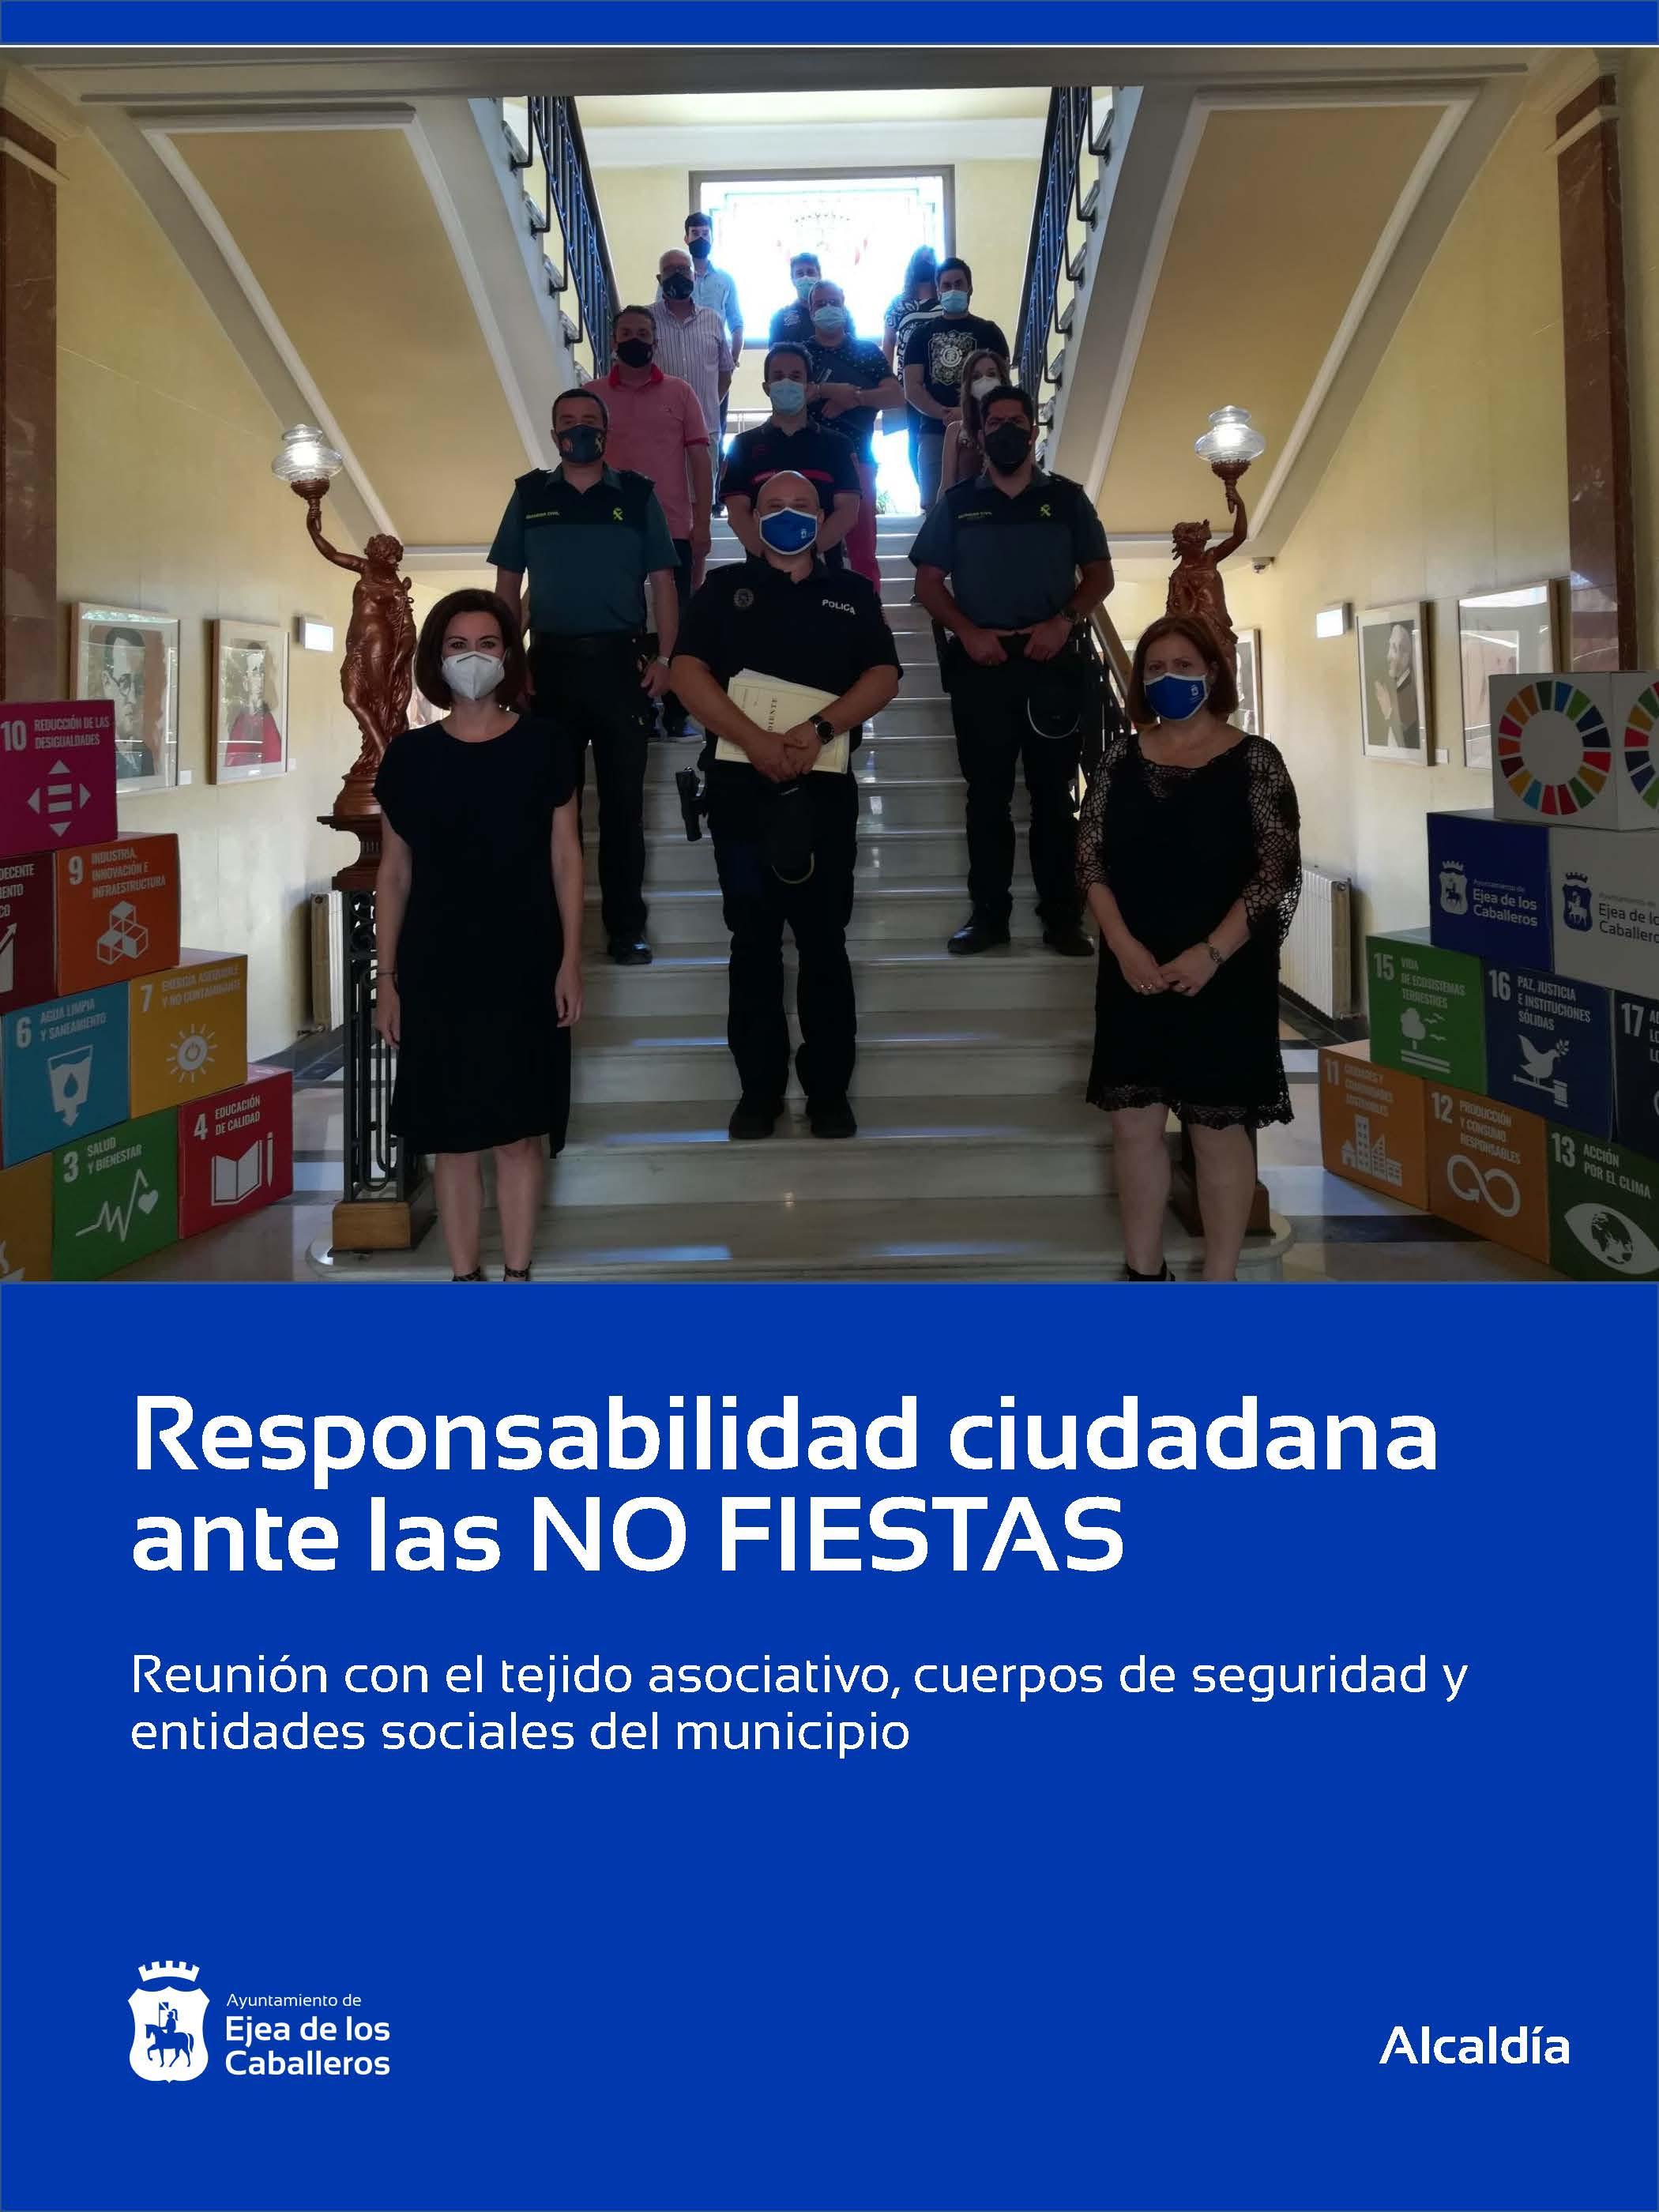 Las NO FIESTAS, responsabilidad de todos y todas